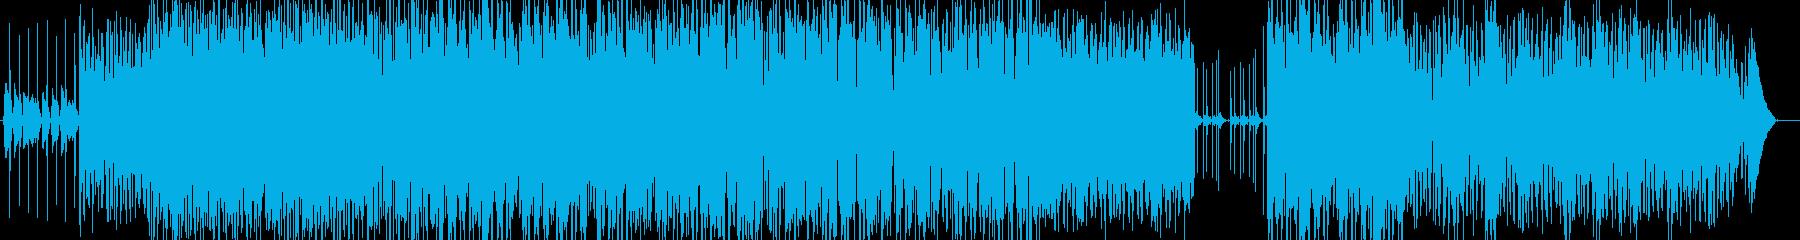 明日ライドオンタイムの再生済みの波形